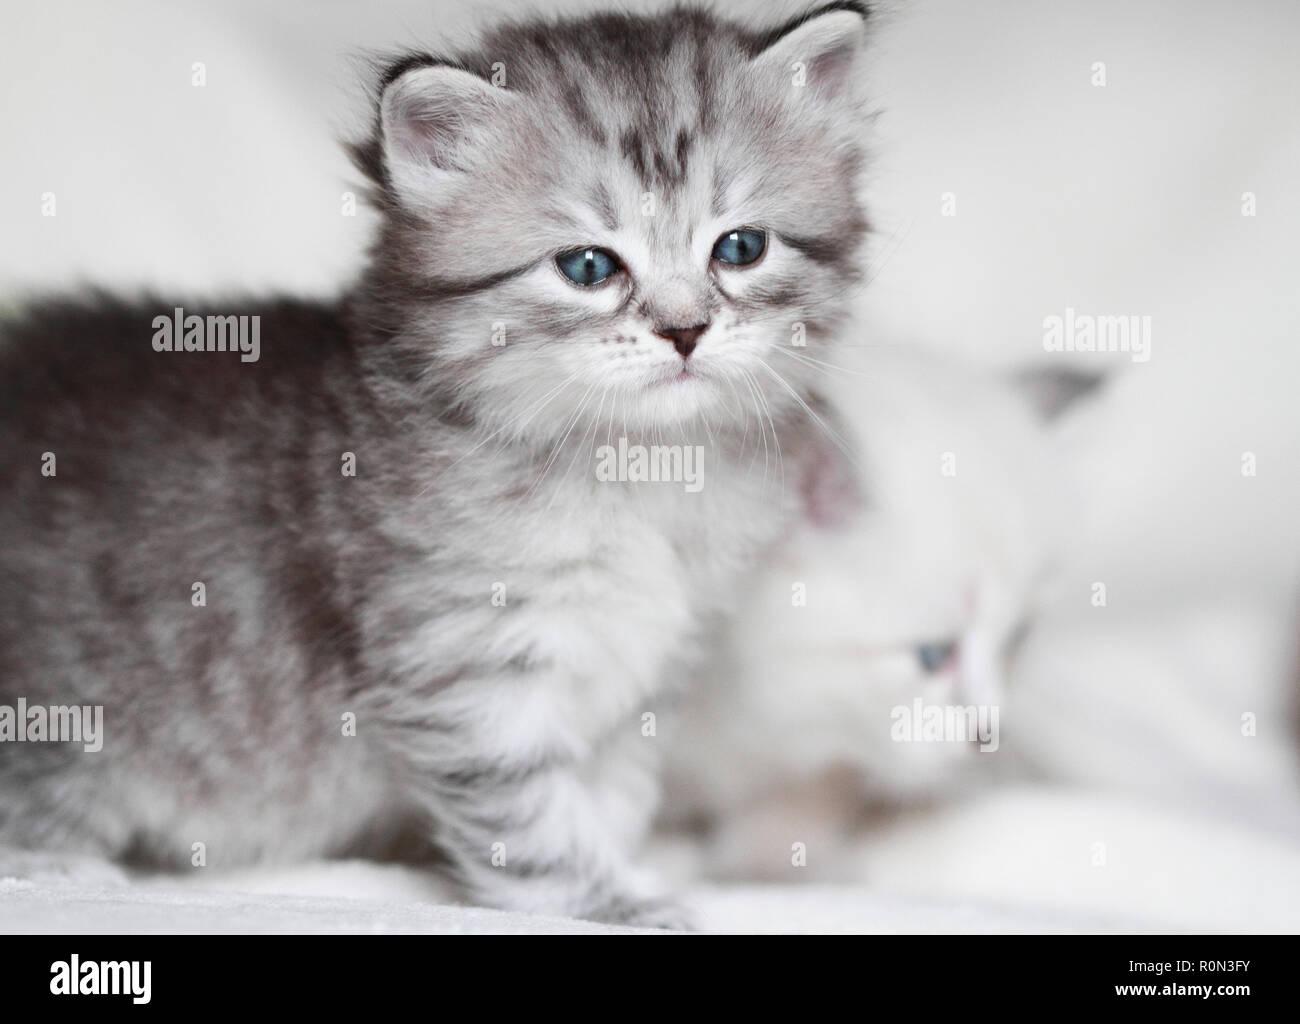 Adorabile cucciolo gatto sulla neve Immagini Stock